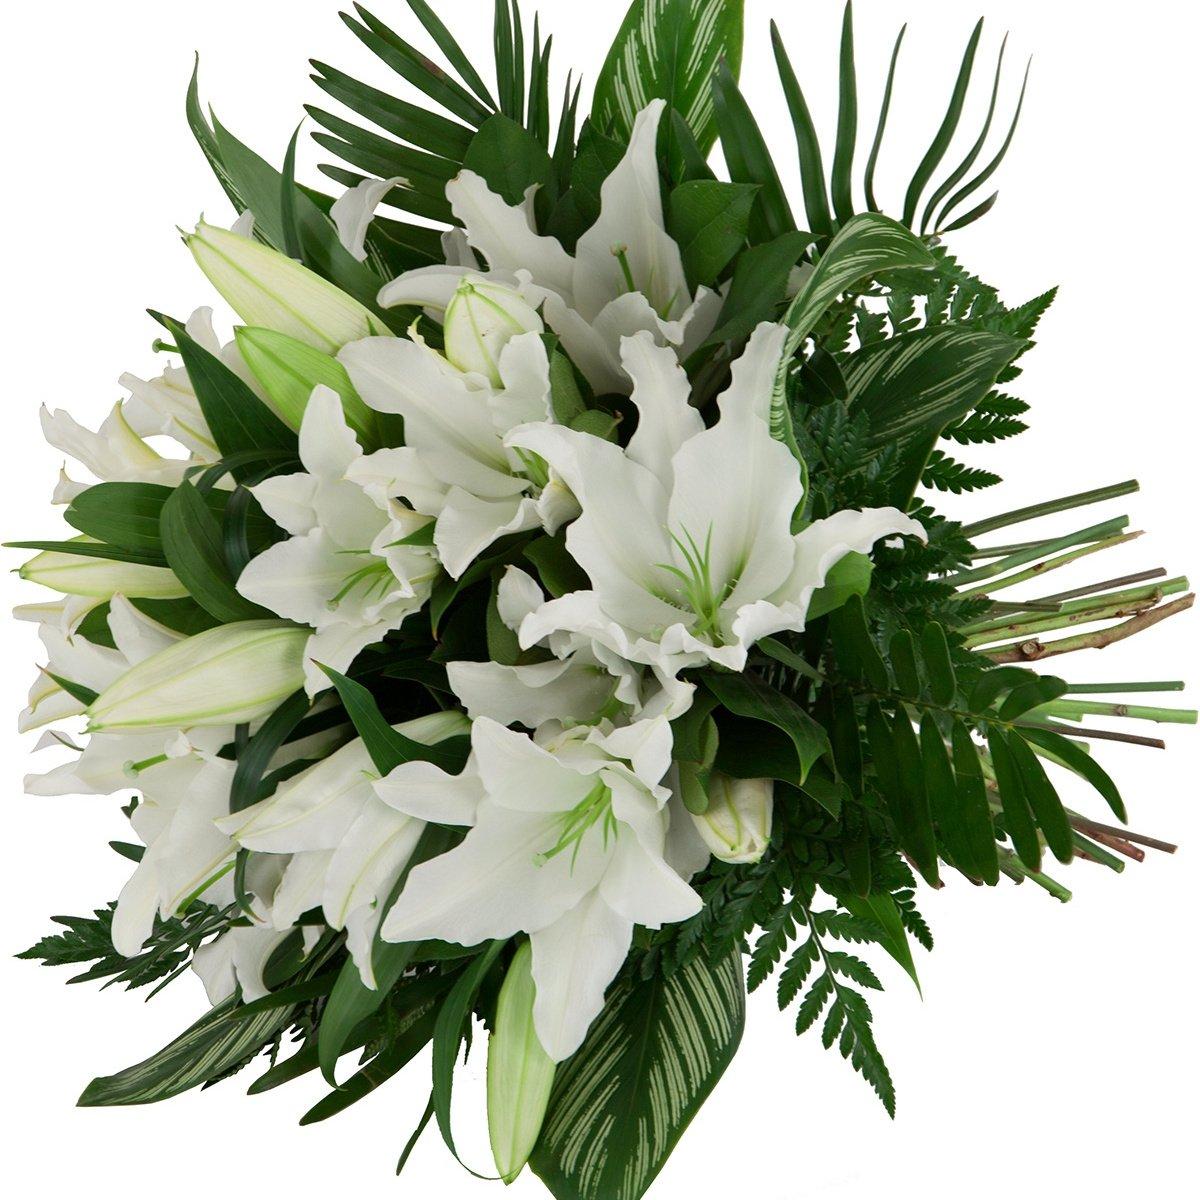 этого можете красивый букет белые лилии фото самыми распространенными являются